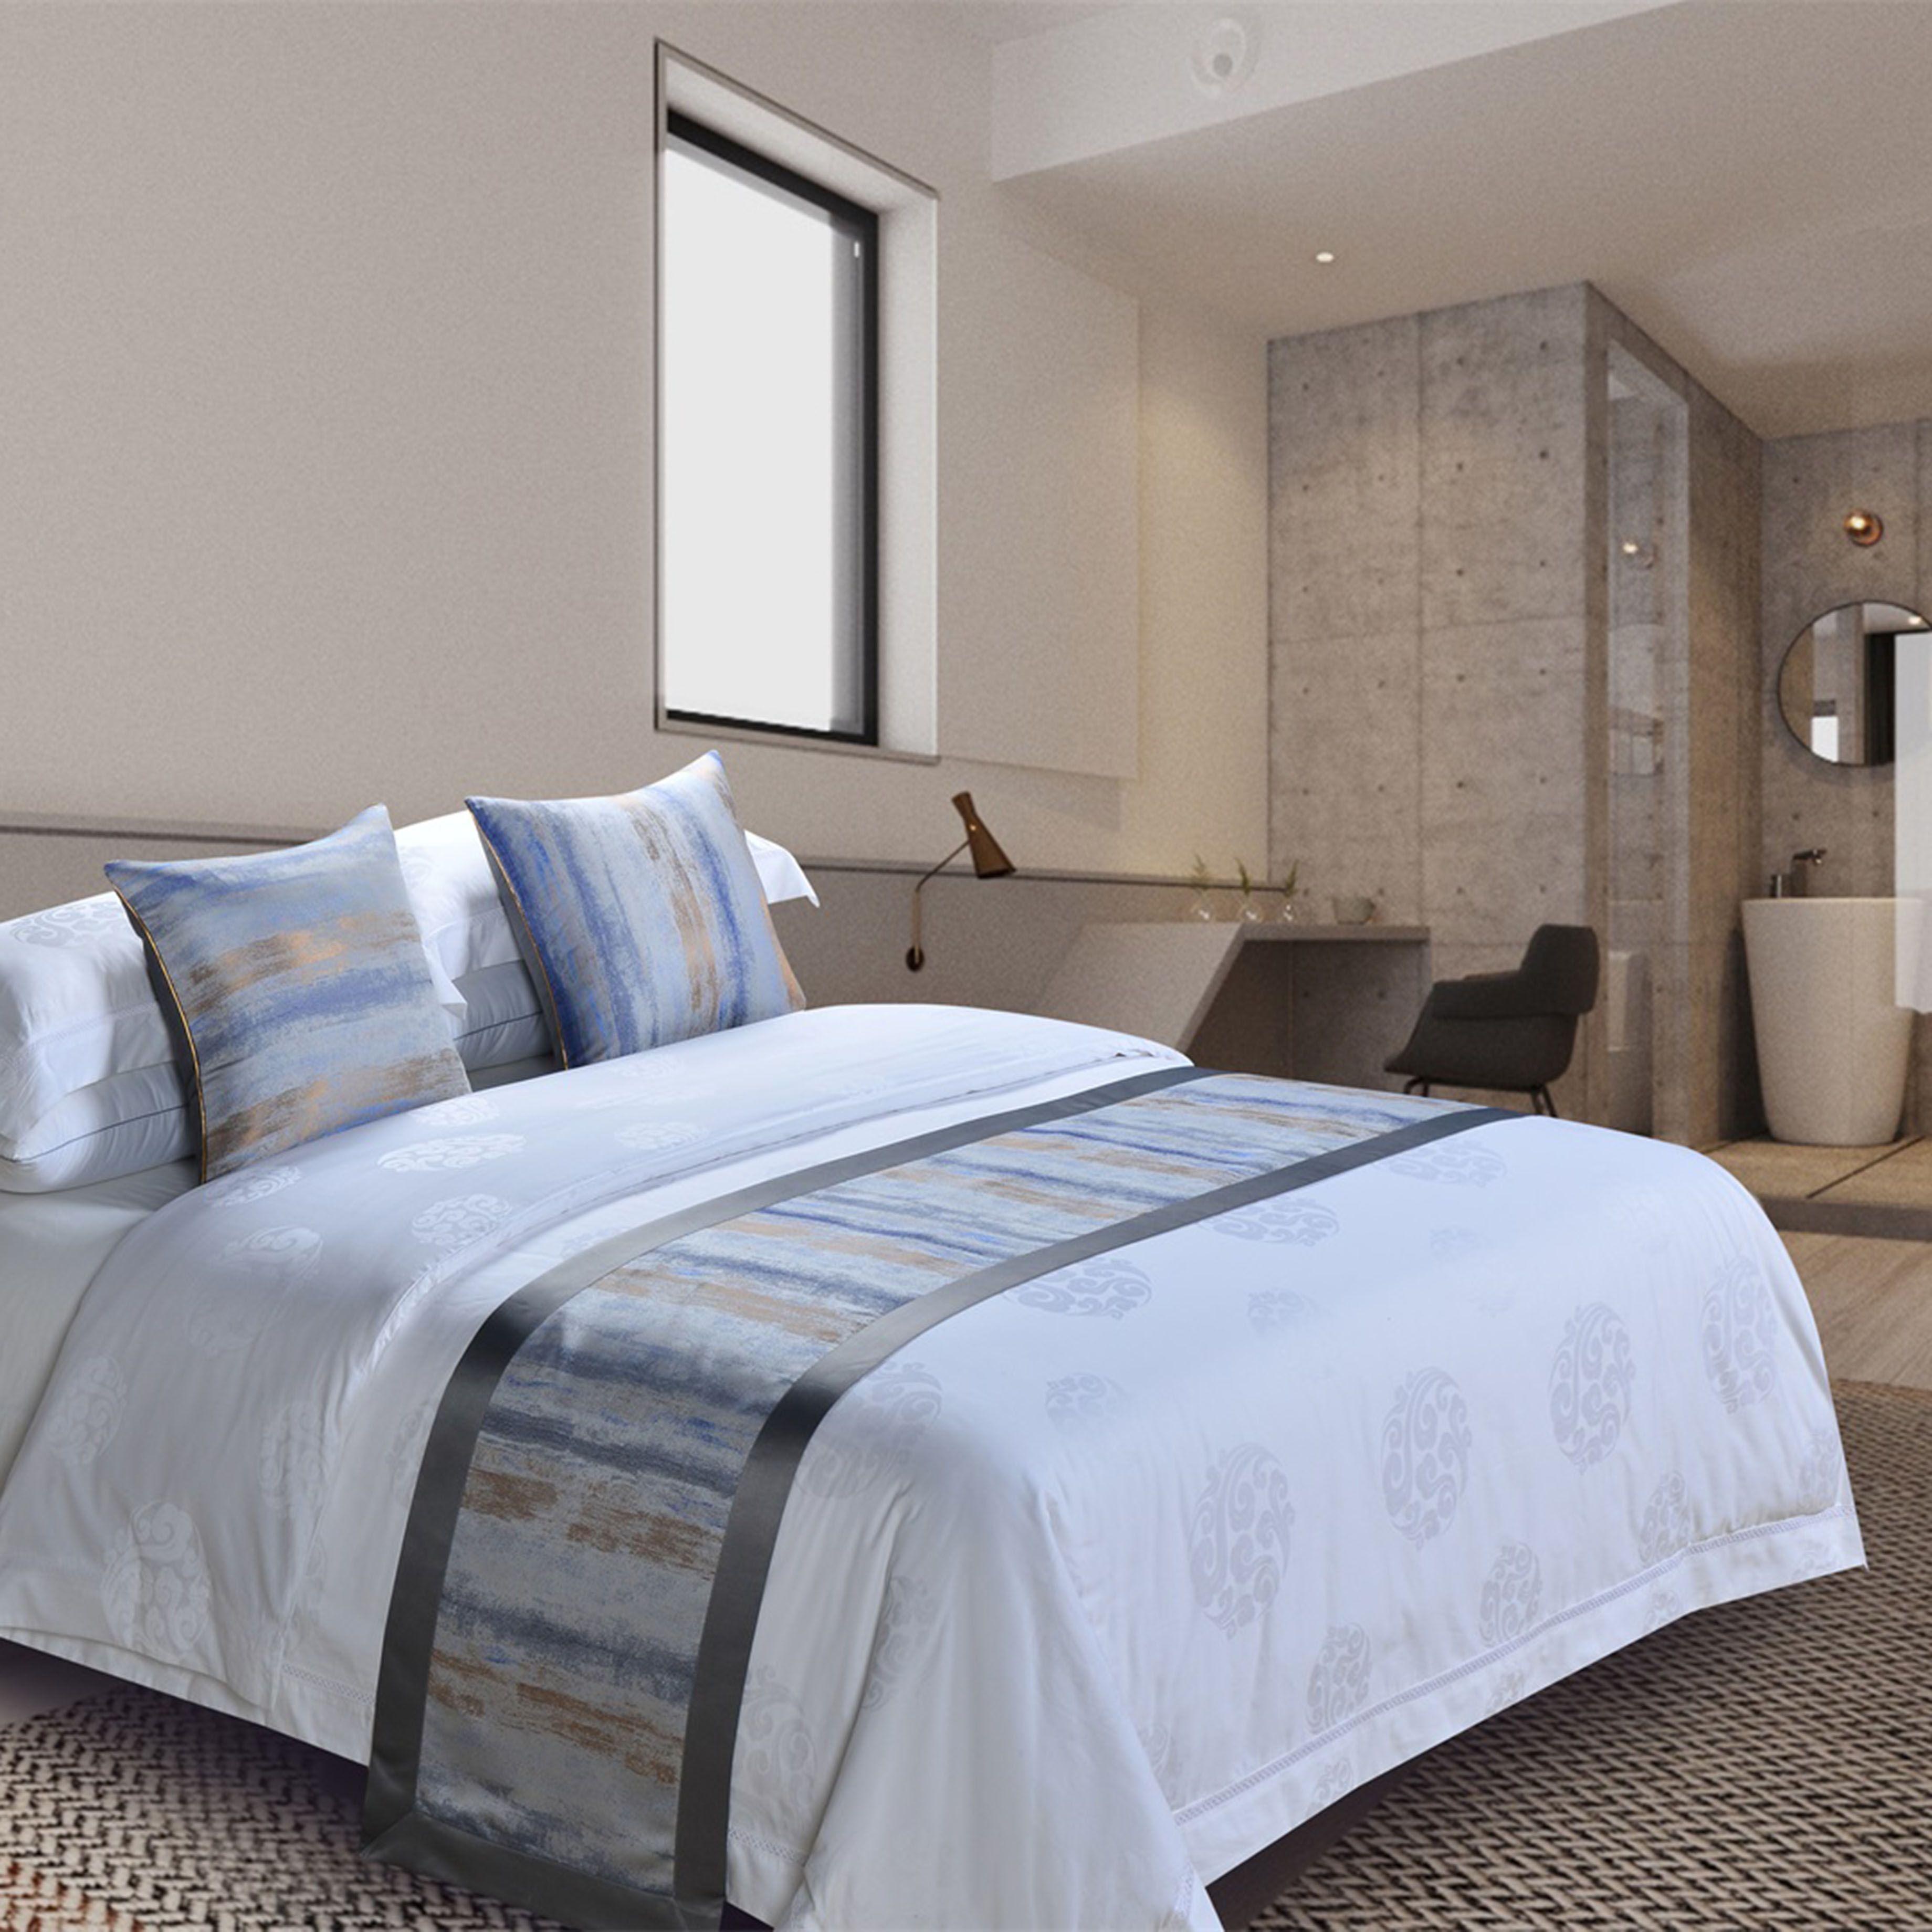 酒店 宾馆 民宿 床尾巾 酒店布草 床上用品 定制 抱枕 床旗床盖床尾巾批发